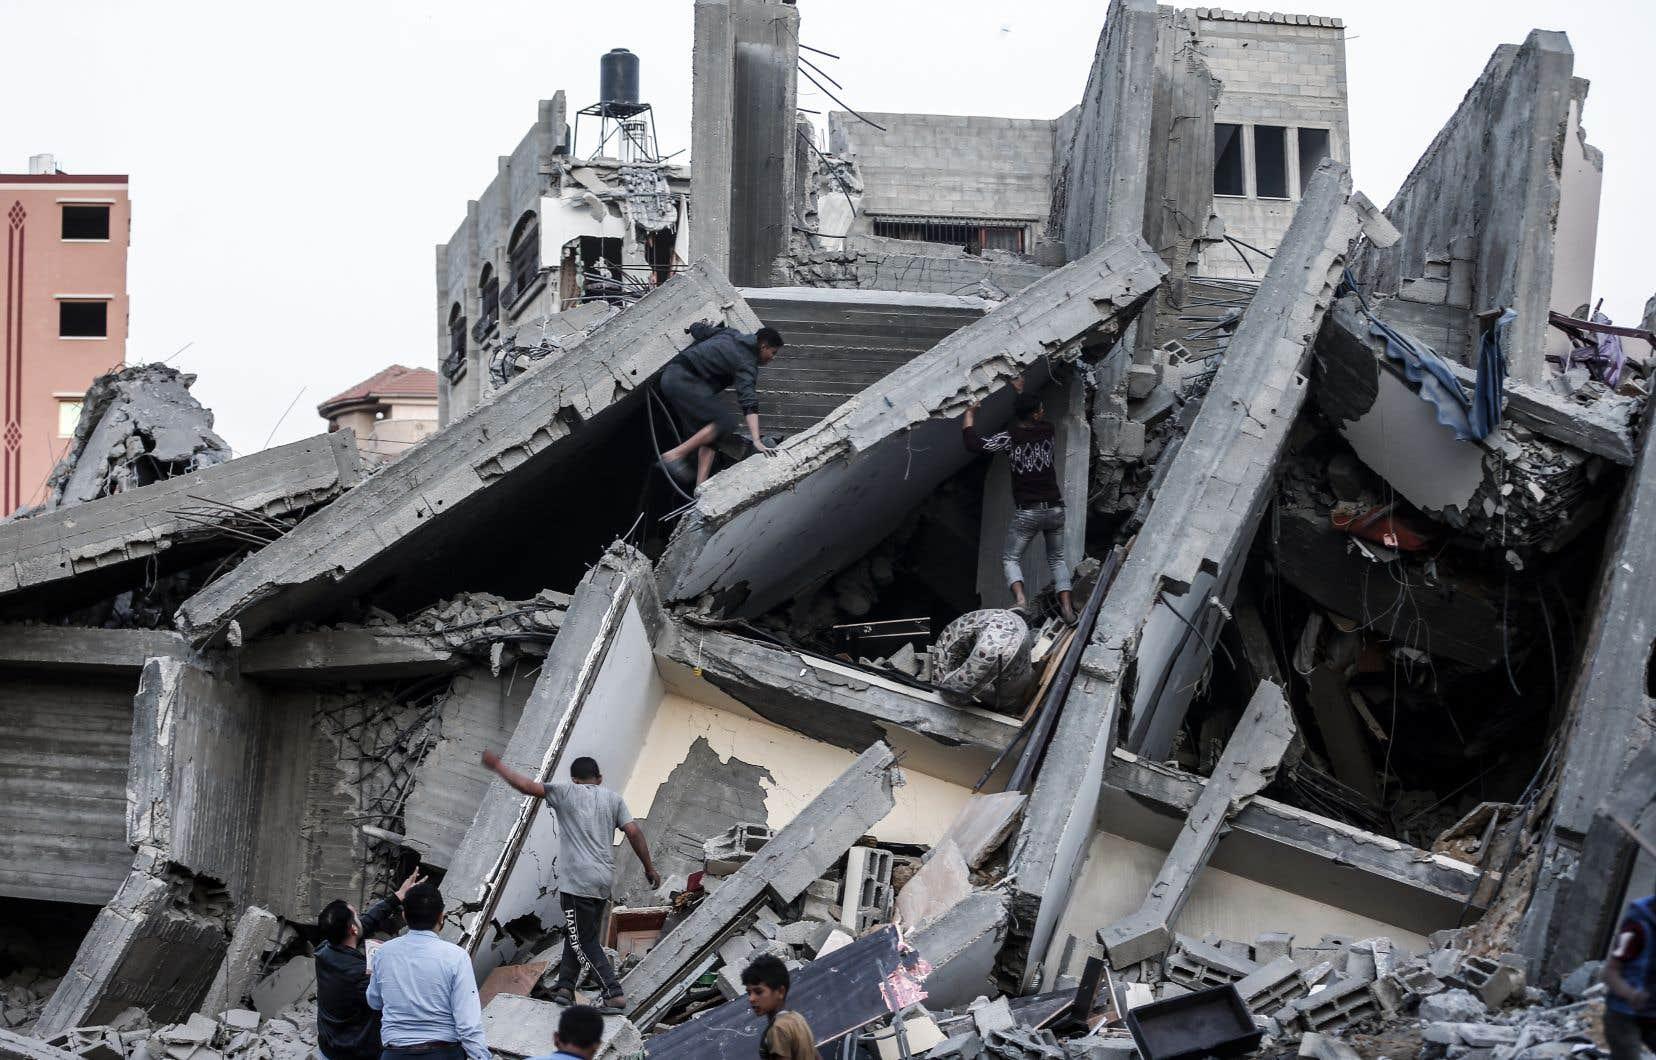 Quelque 690 roquettes ont été tirées depuis samedi de Gaza, dont plus de 500 ont atteint le territoire israélien, et au moins 35 sont tombées dans des zones urbaines, selon un décompte de l'armée israélienne.